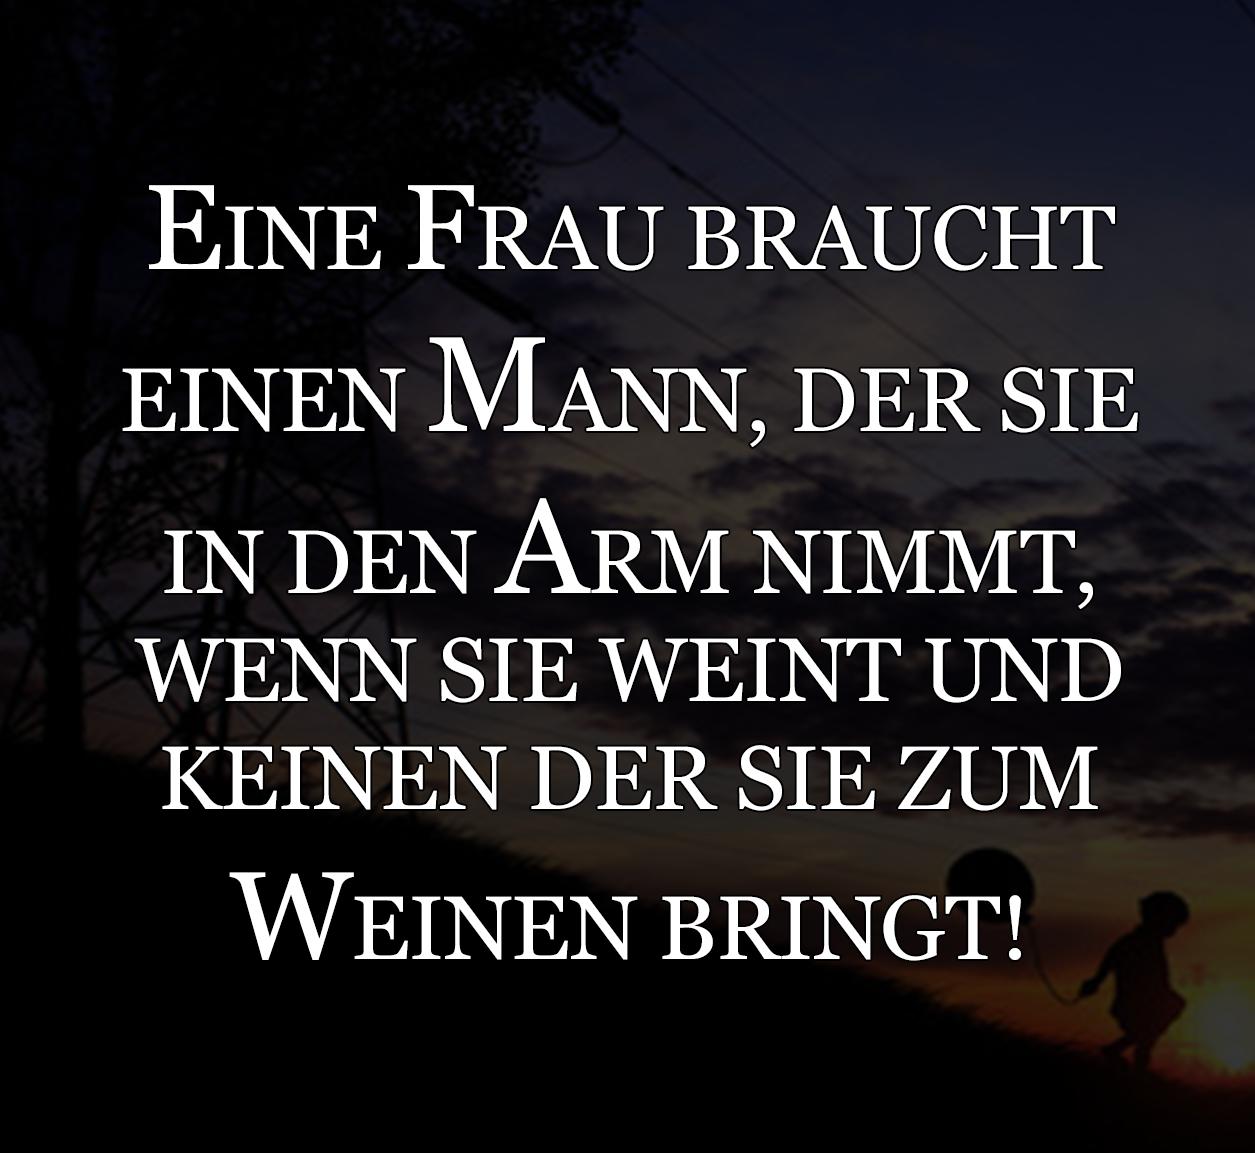 EINE FRAU BRAUCHT EINEN MANN | Sprüche